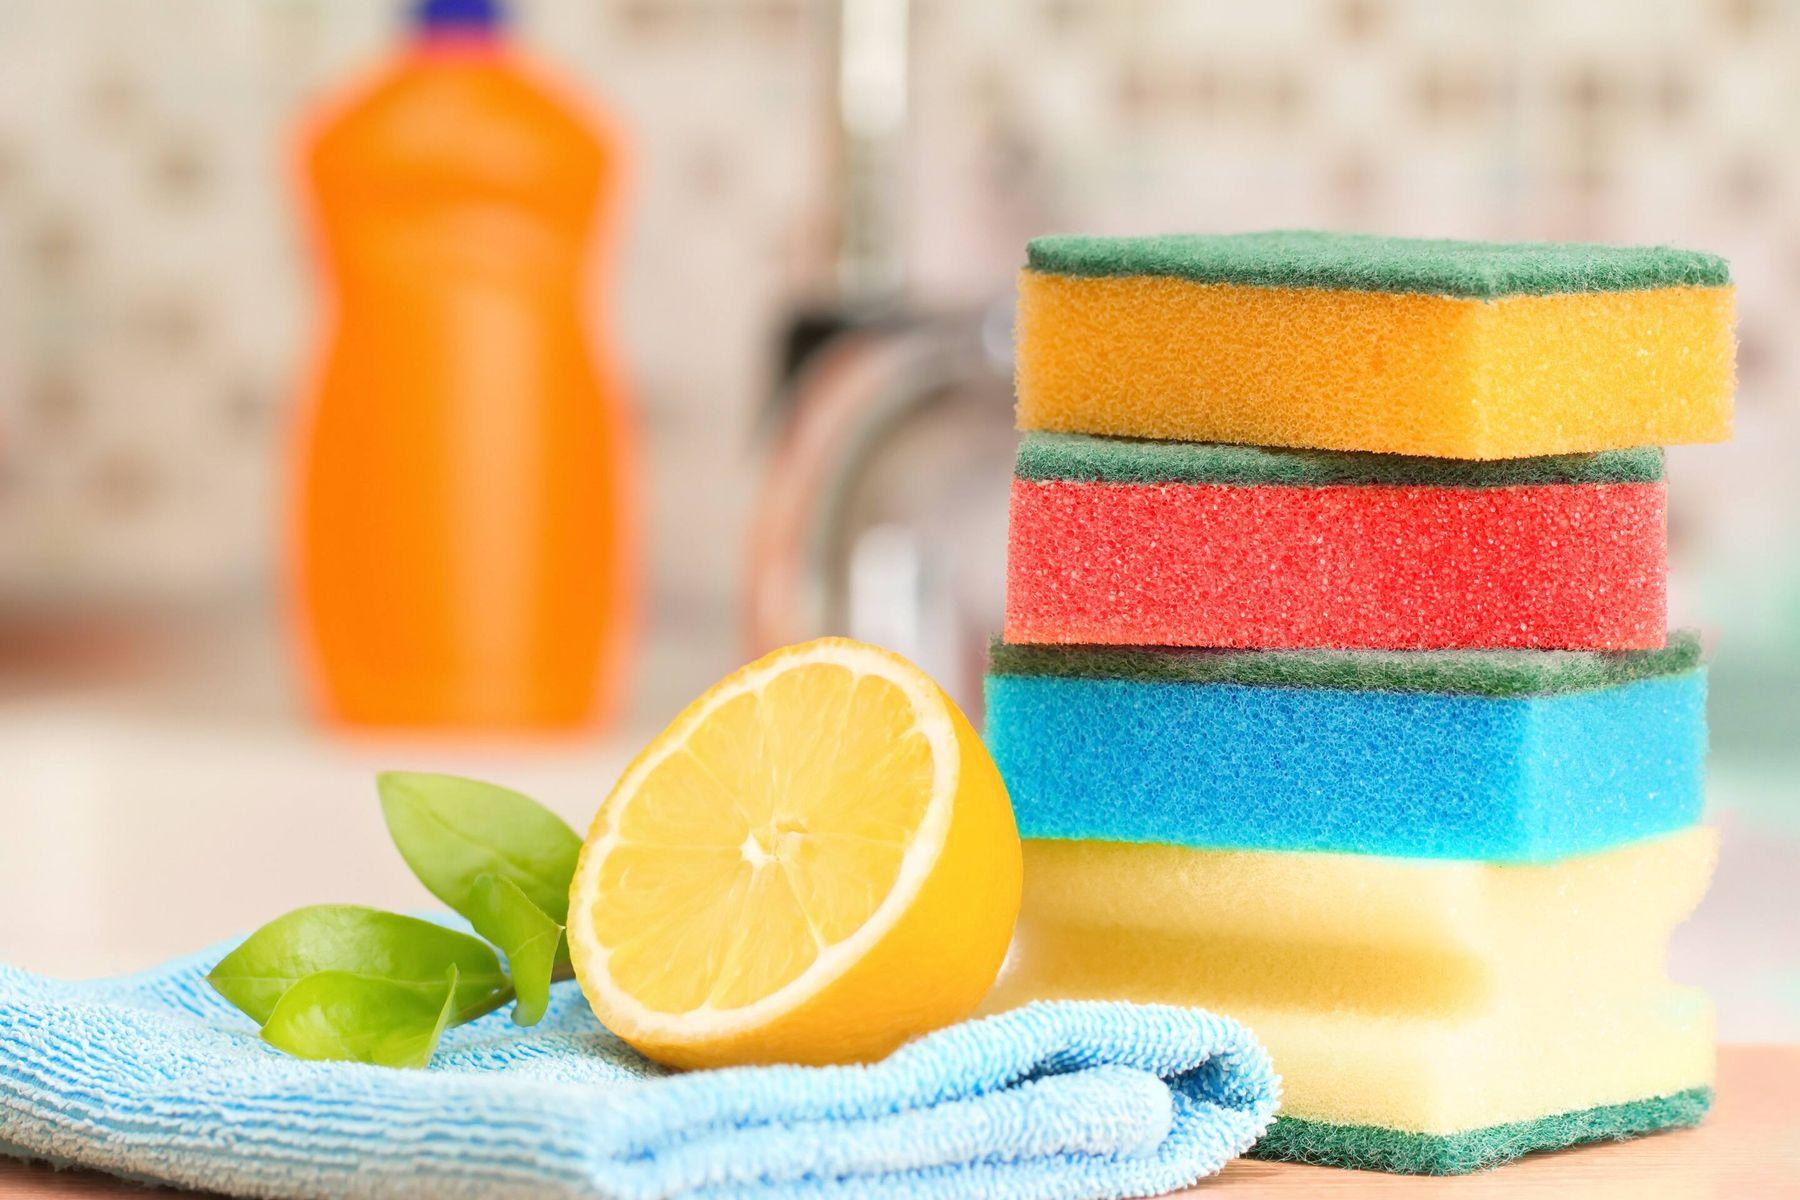 eine halbe Zitrone und ein Haufen Schwämme ruhen auf dem Waschbecken